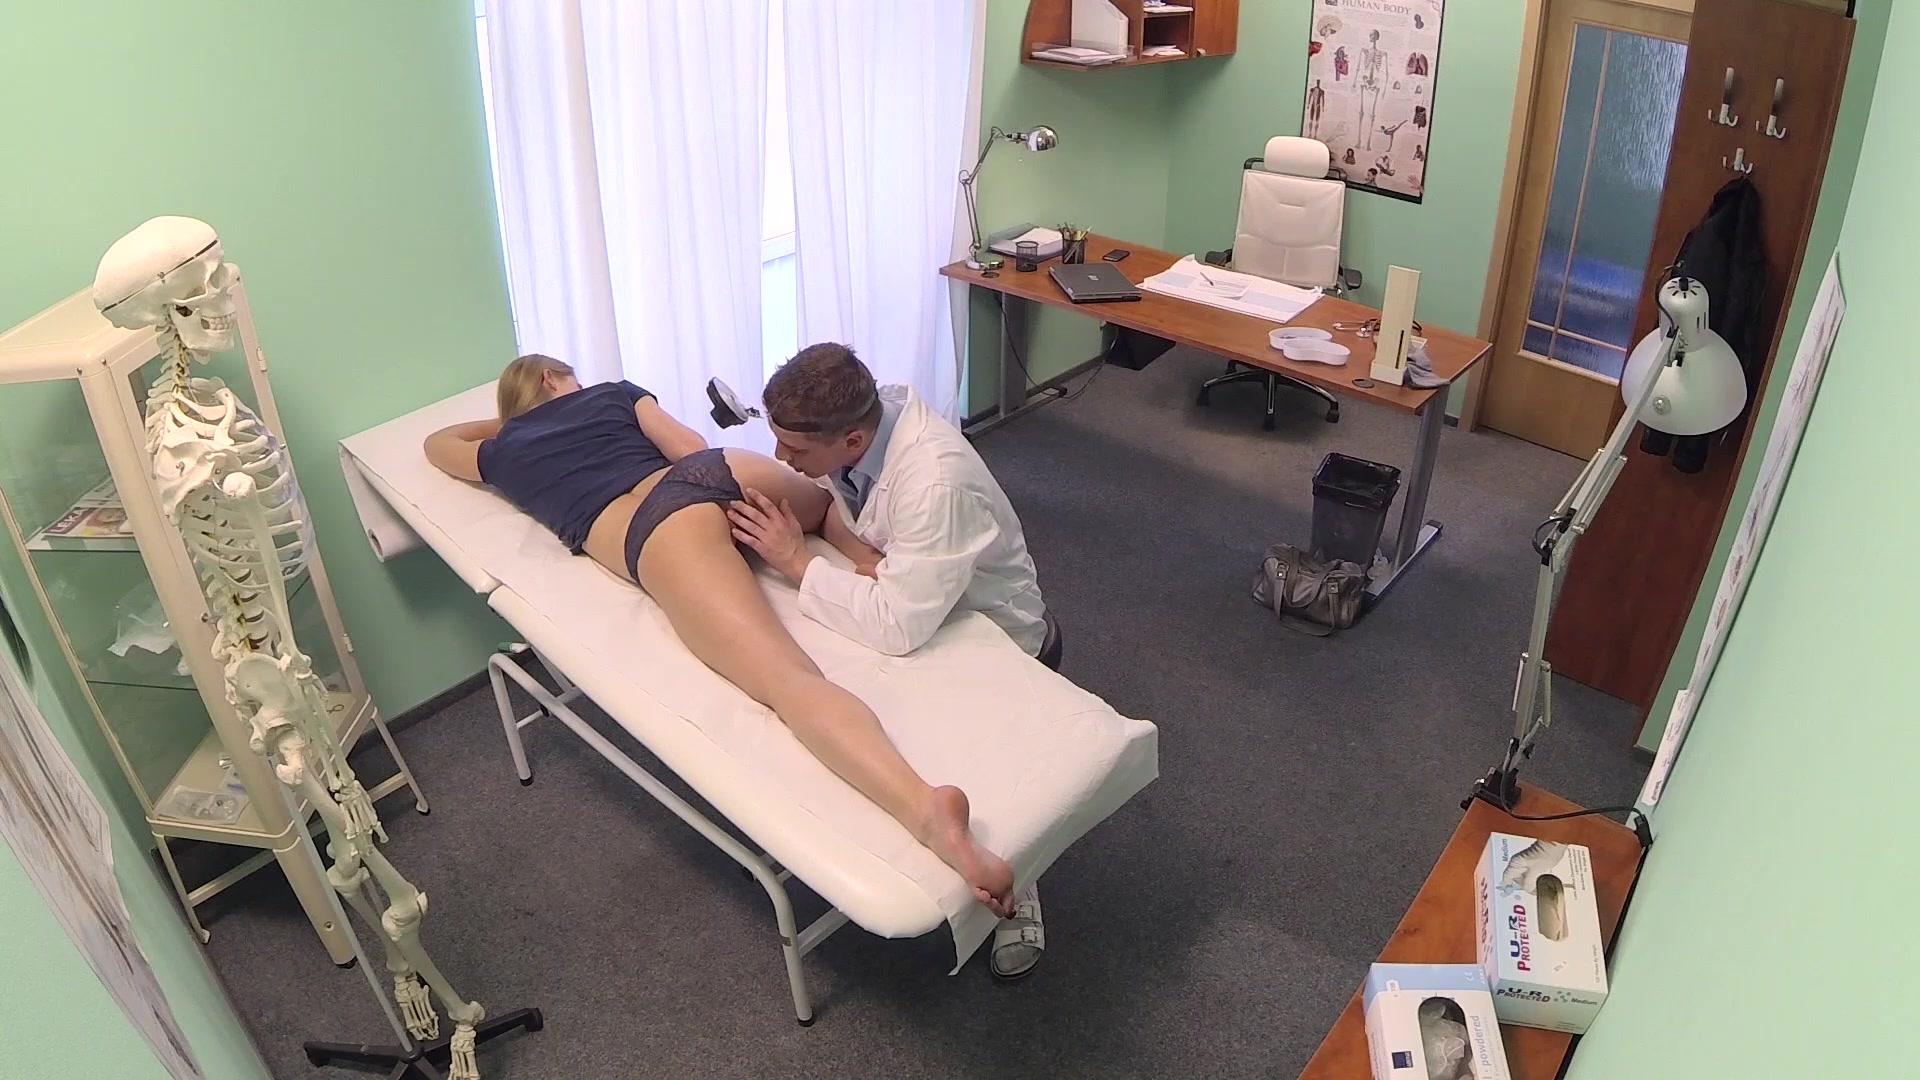 Скрытое порно медсестрой, медсестра скрытая камера: порно видео онлайн 18 фотография